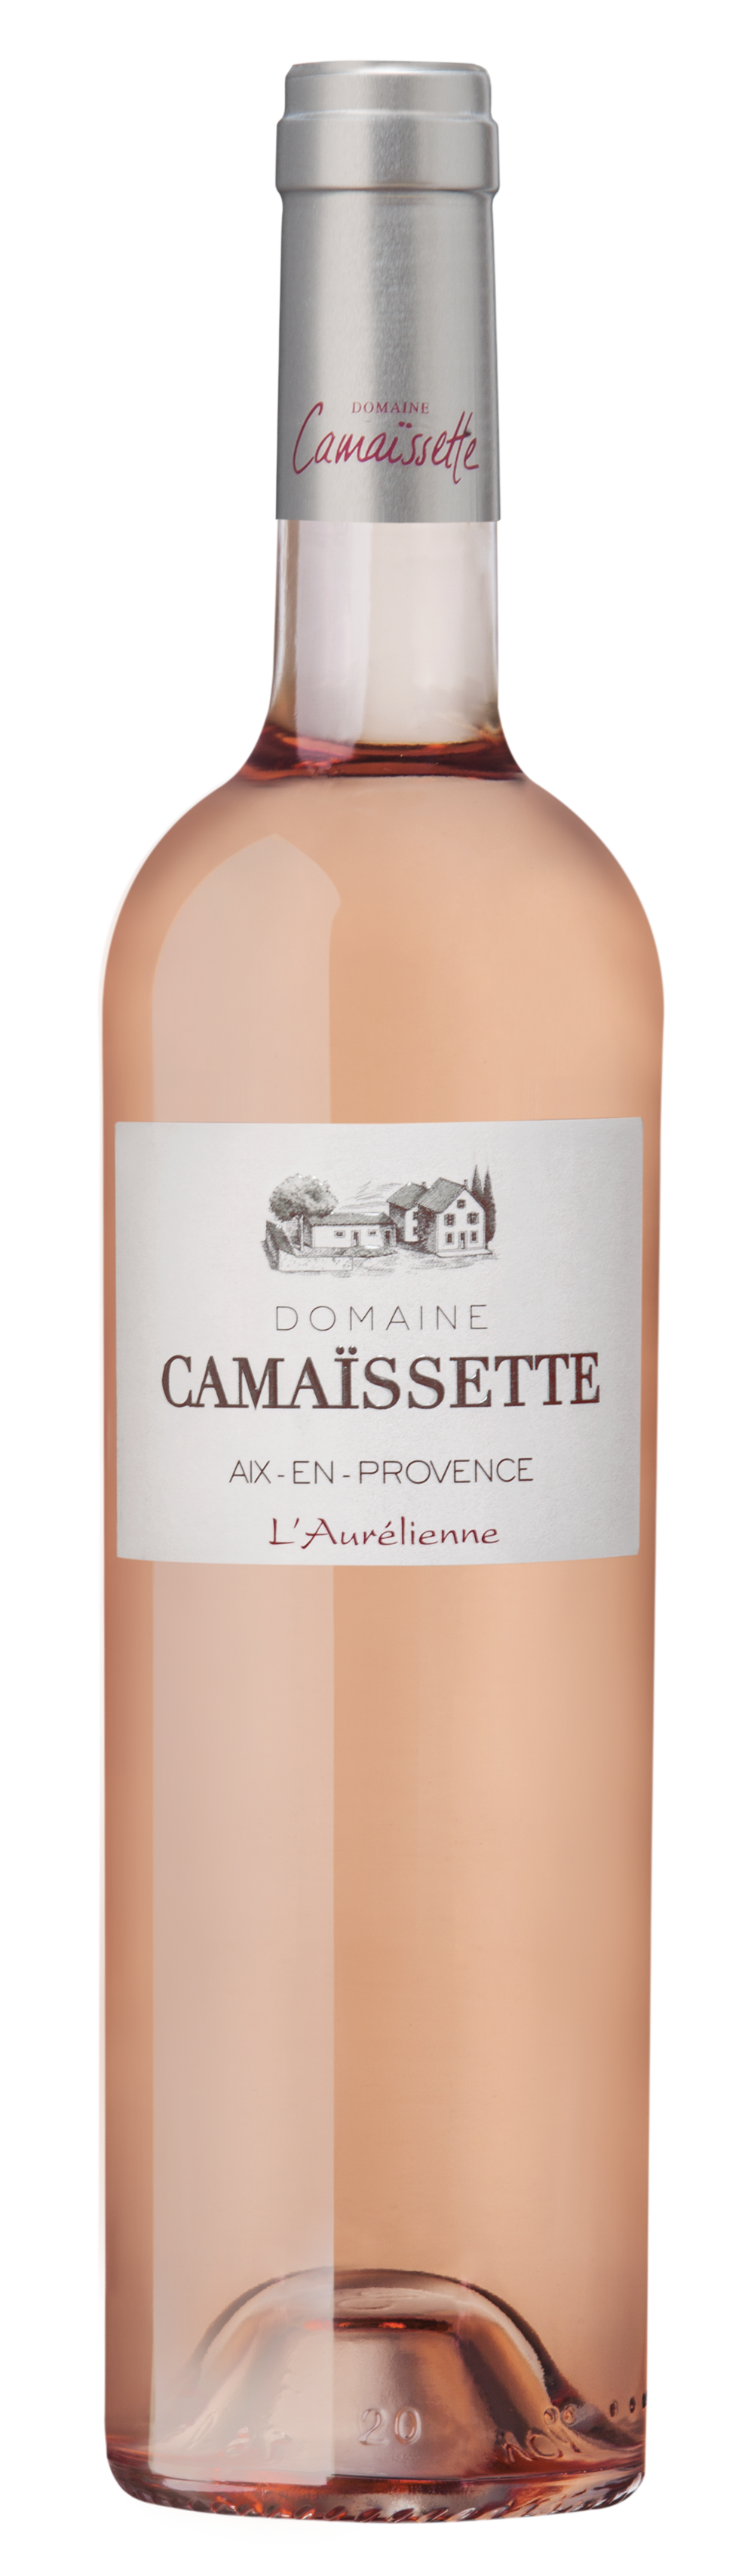 01 DOMAINE CAMAISSETTE.png